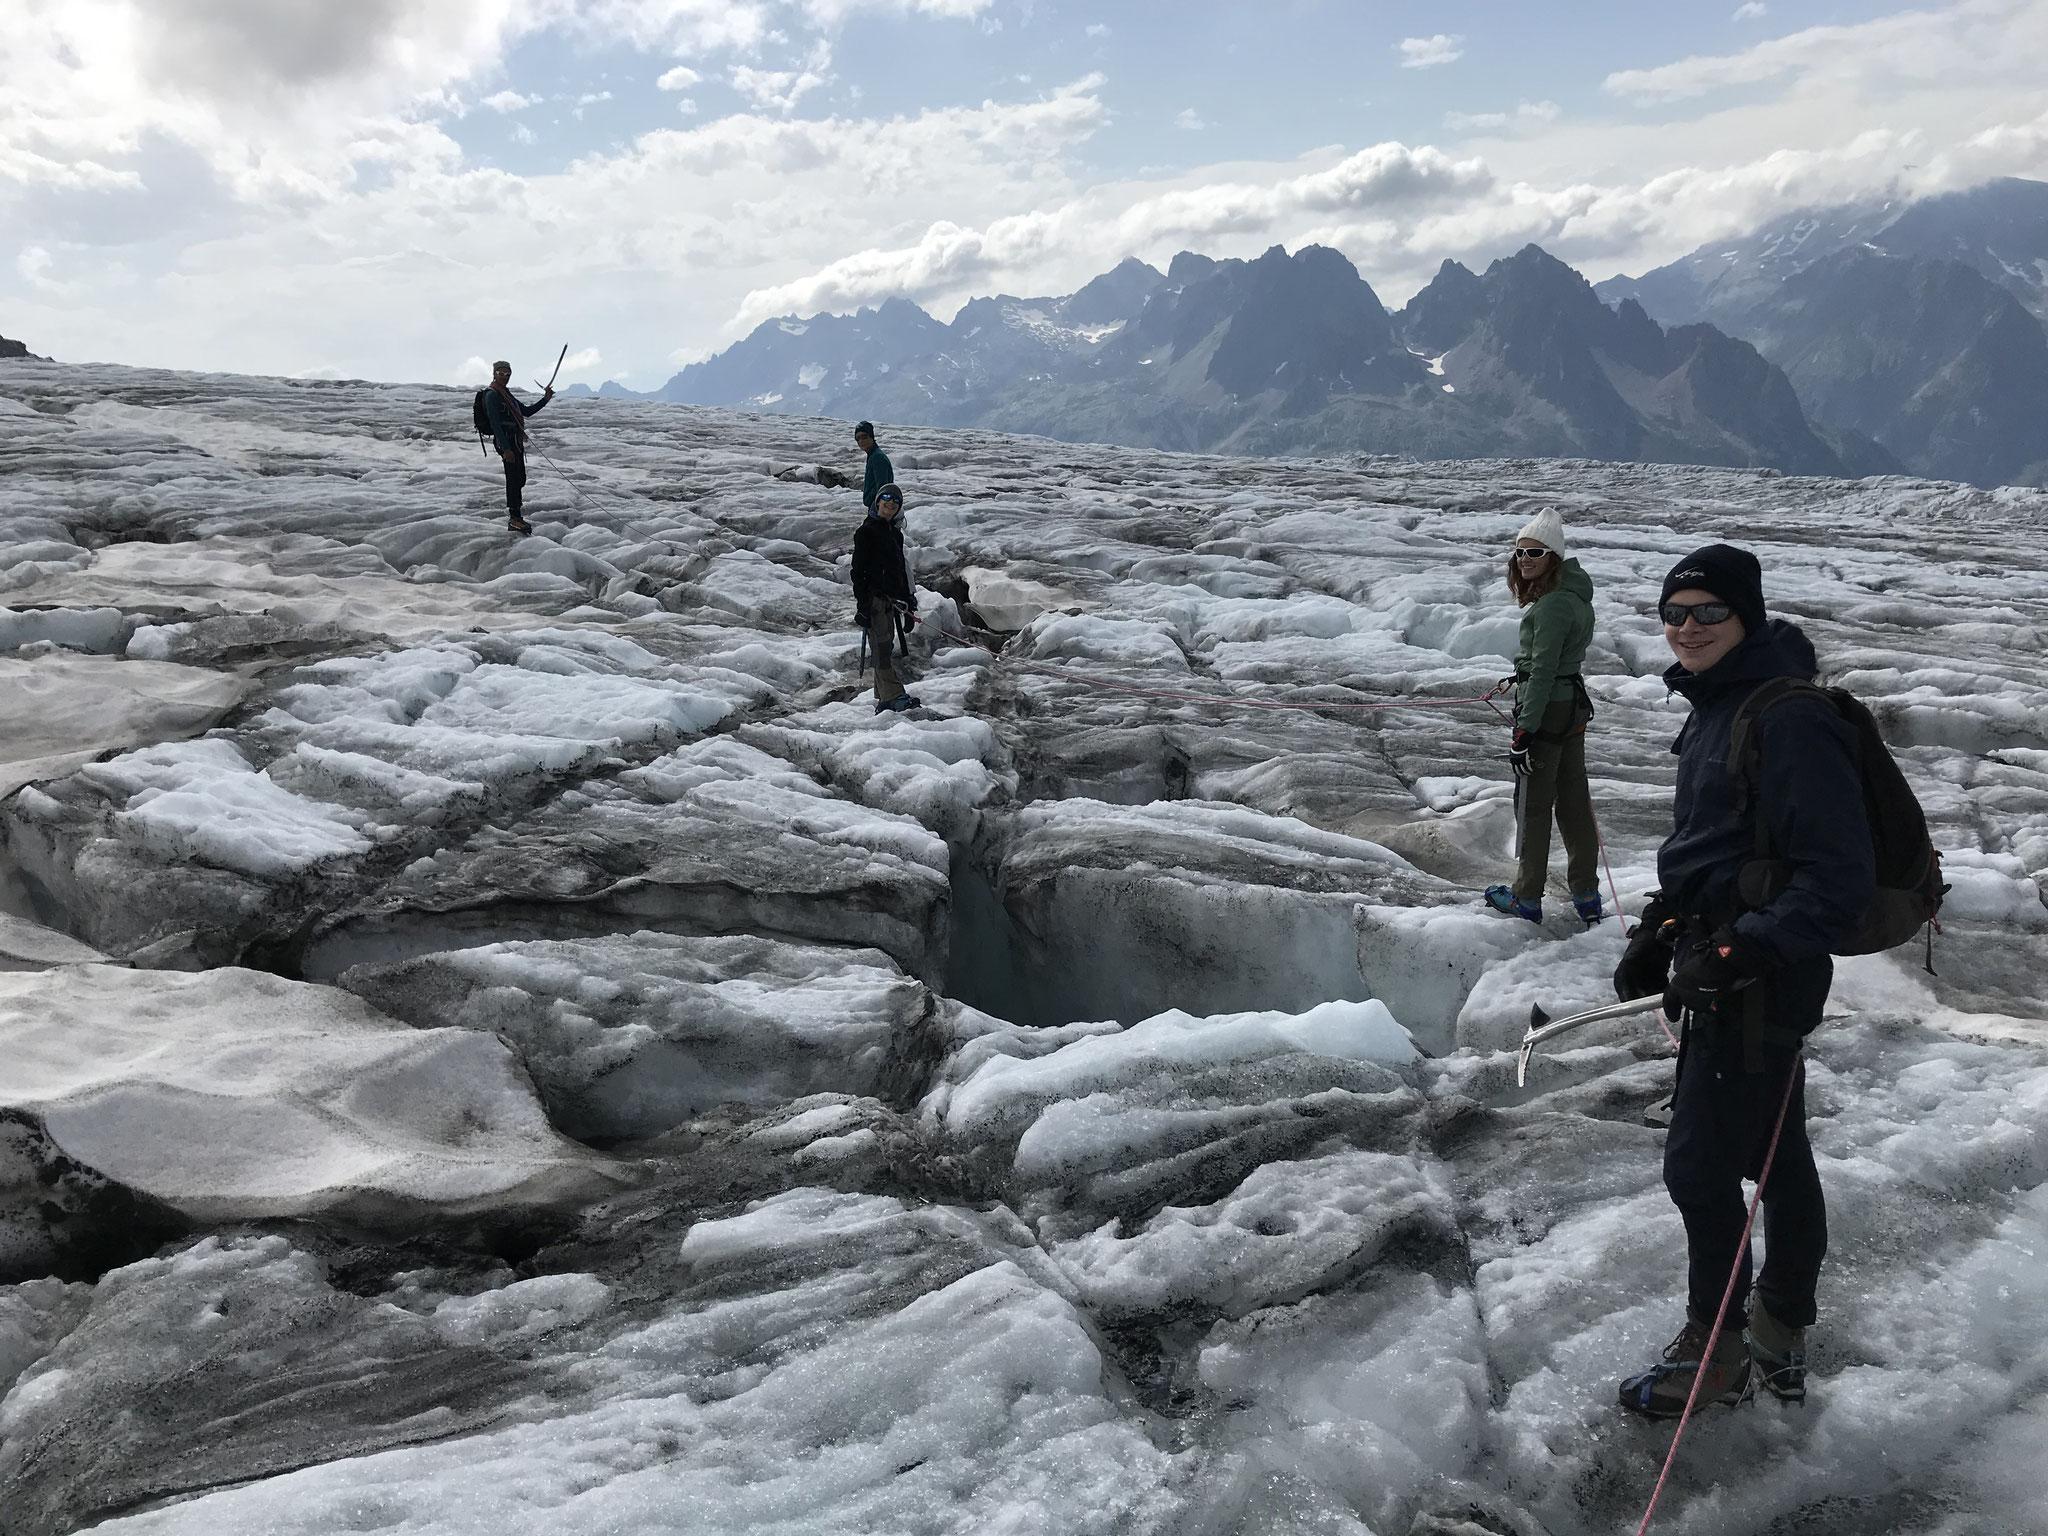 En zig-zag autour des crevasses sur le Glacier du Tour